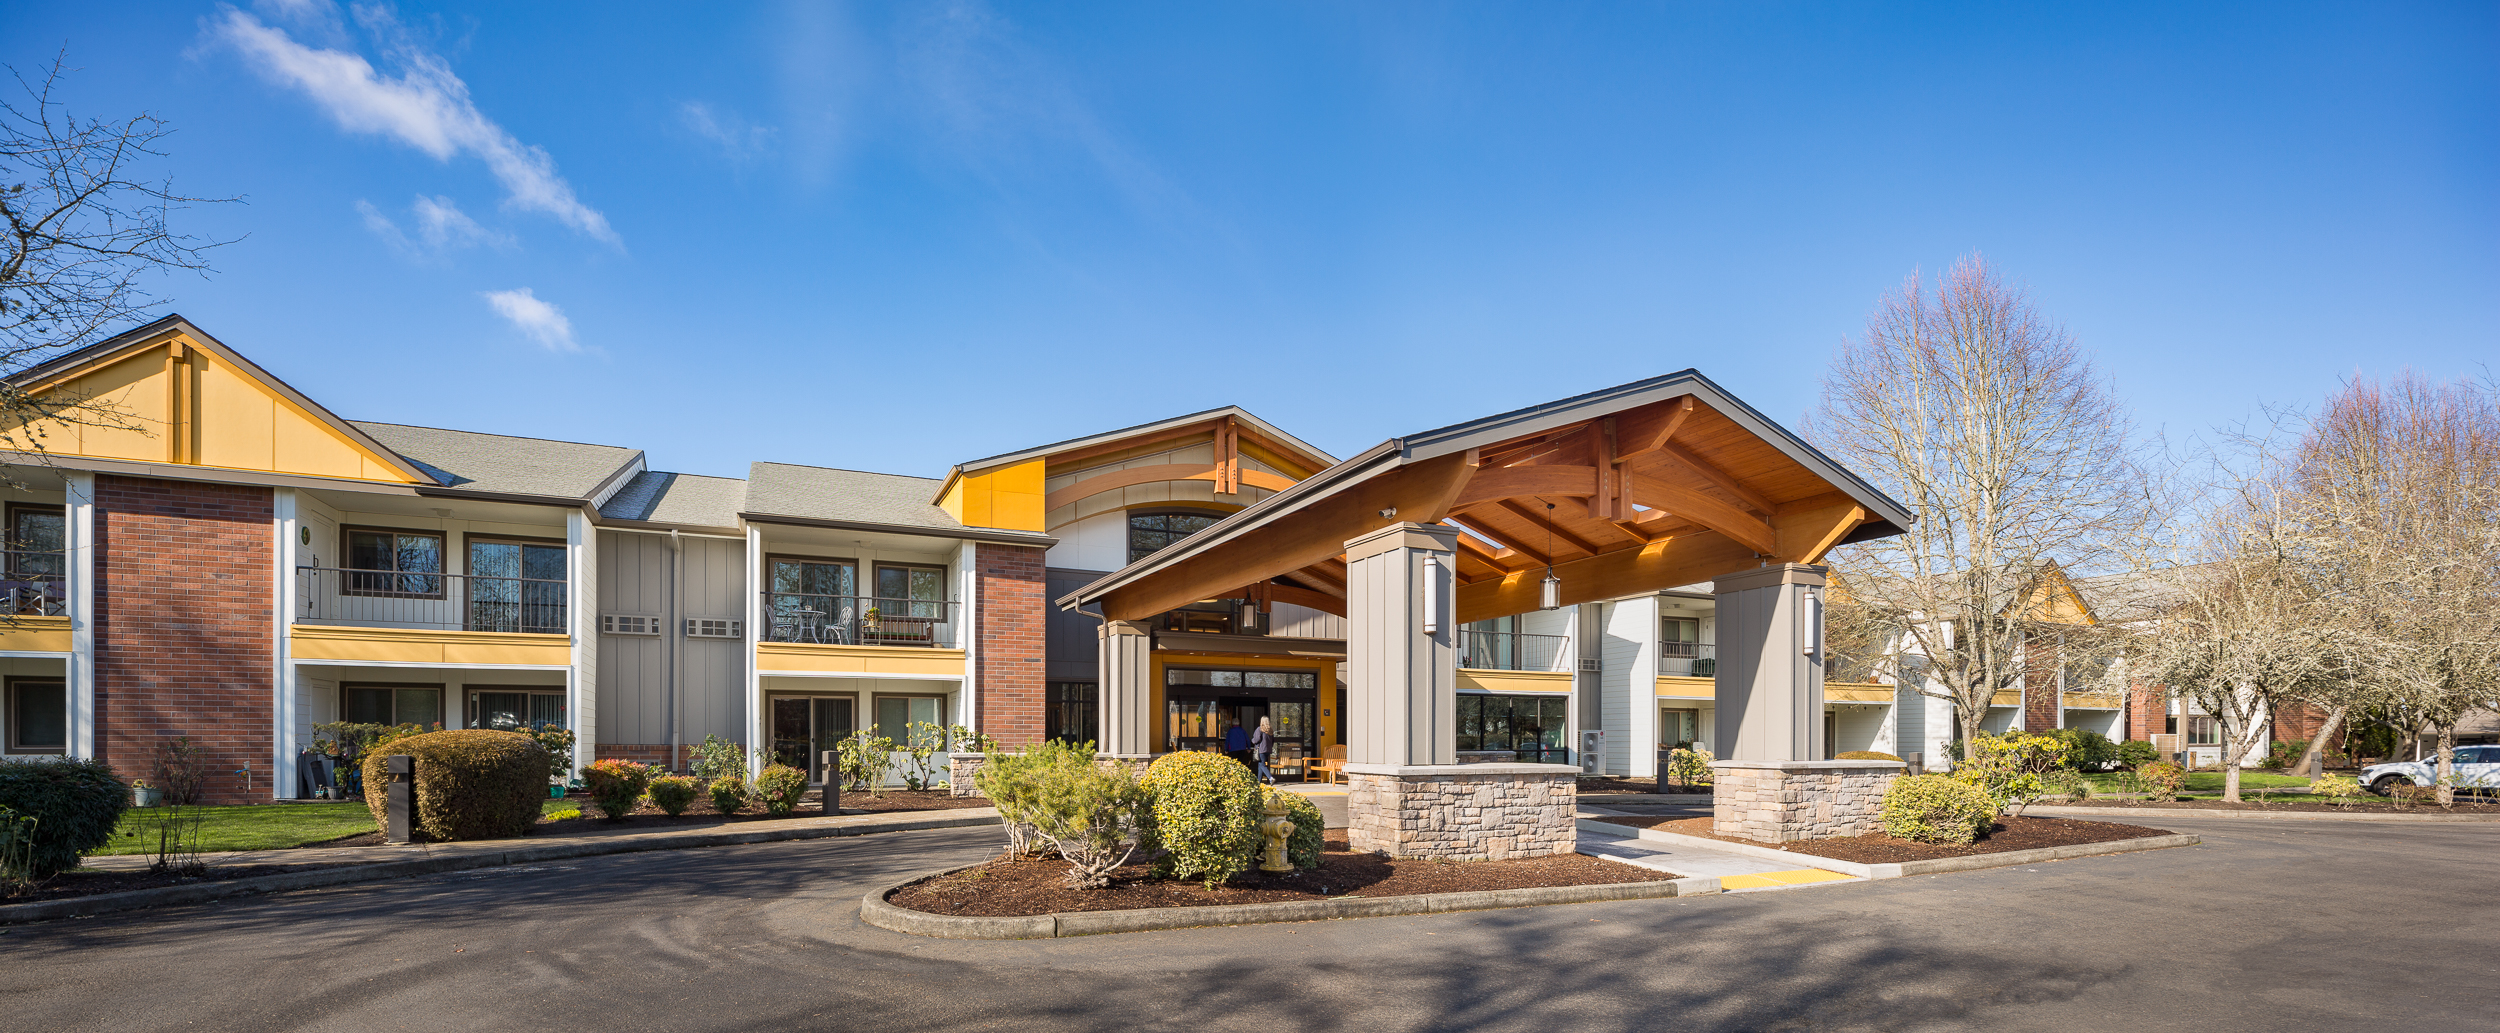 Jennings McCall / LRS Architects